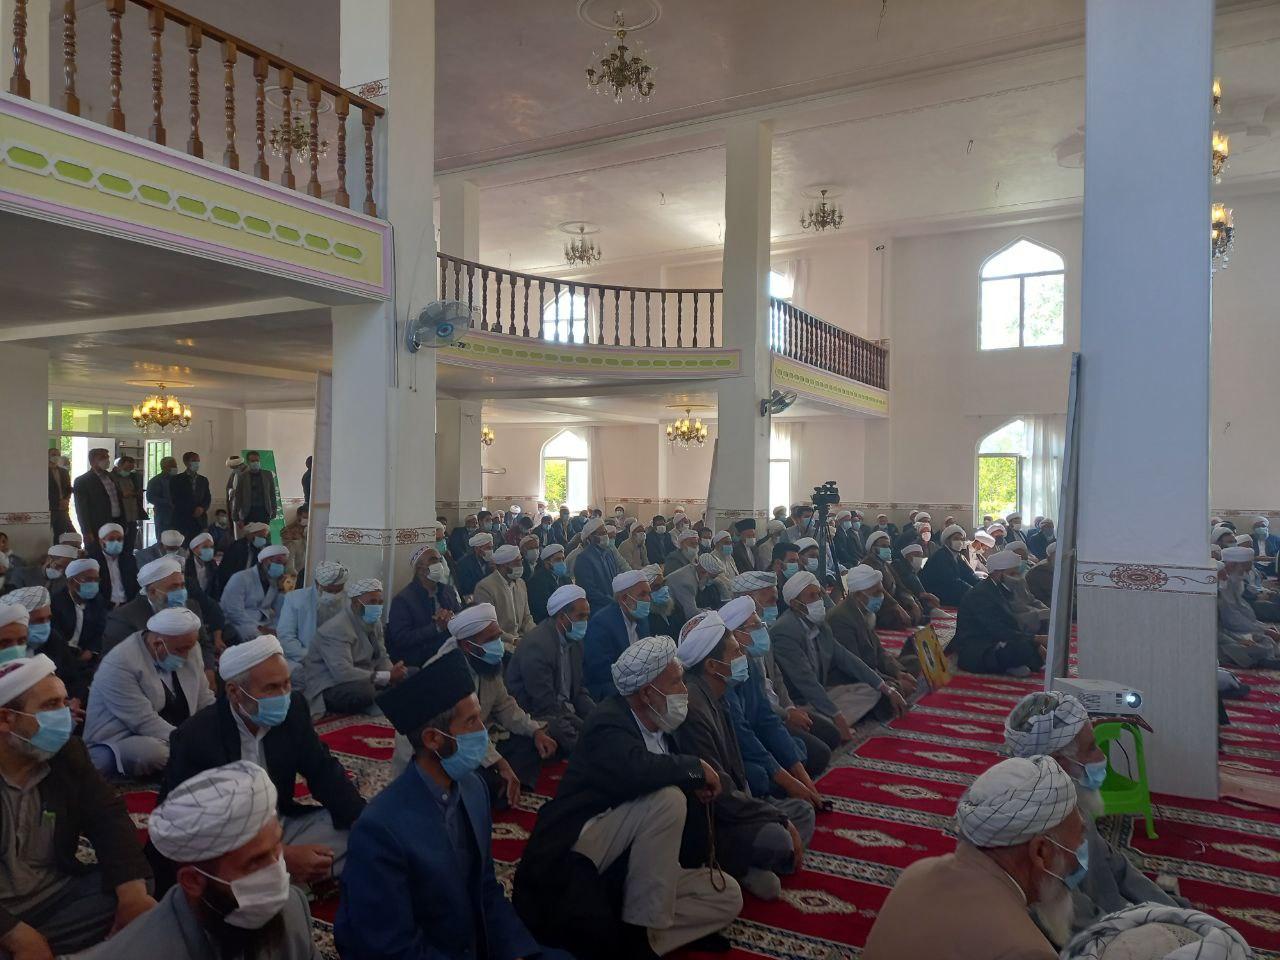 همایش گرامیداشت هفته وحدت با حضور علمای شیعه و سنی در شهرستان راز و جرگلان